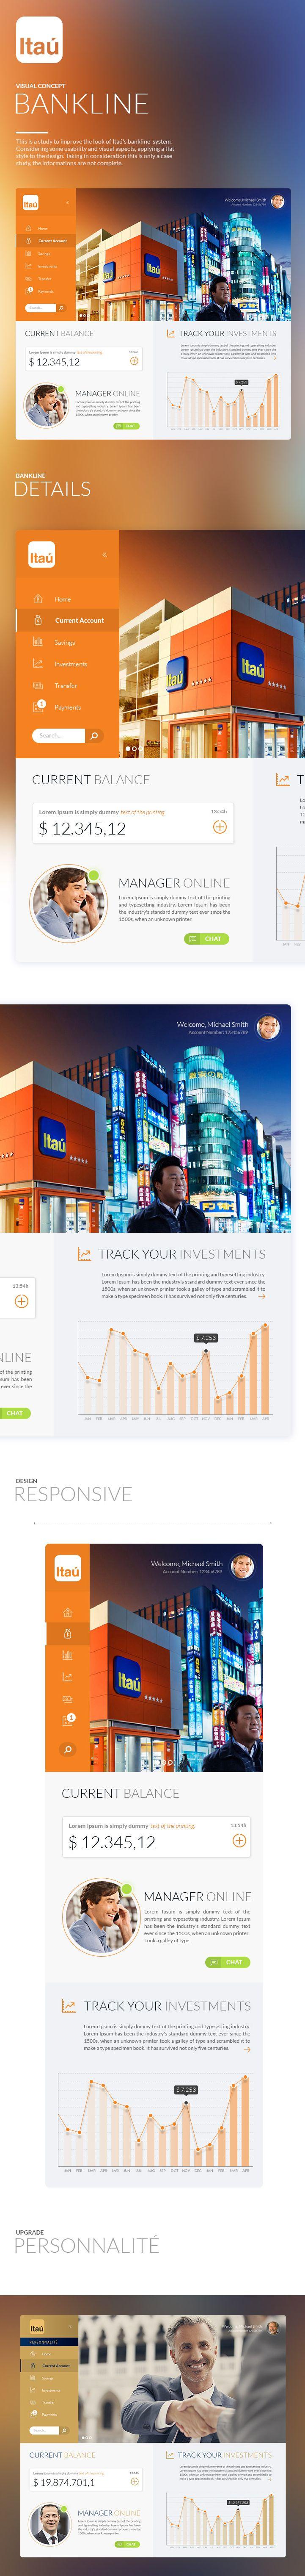 Itaú Bankline - Concept #ArtDirection, #UI #UX, #WebDesign